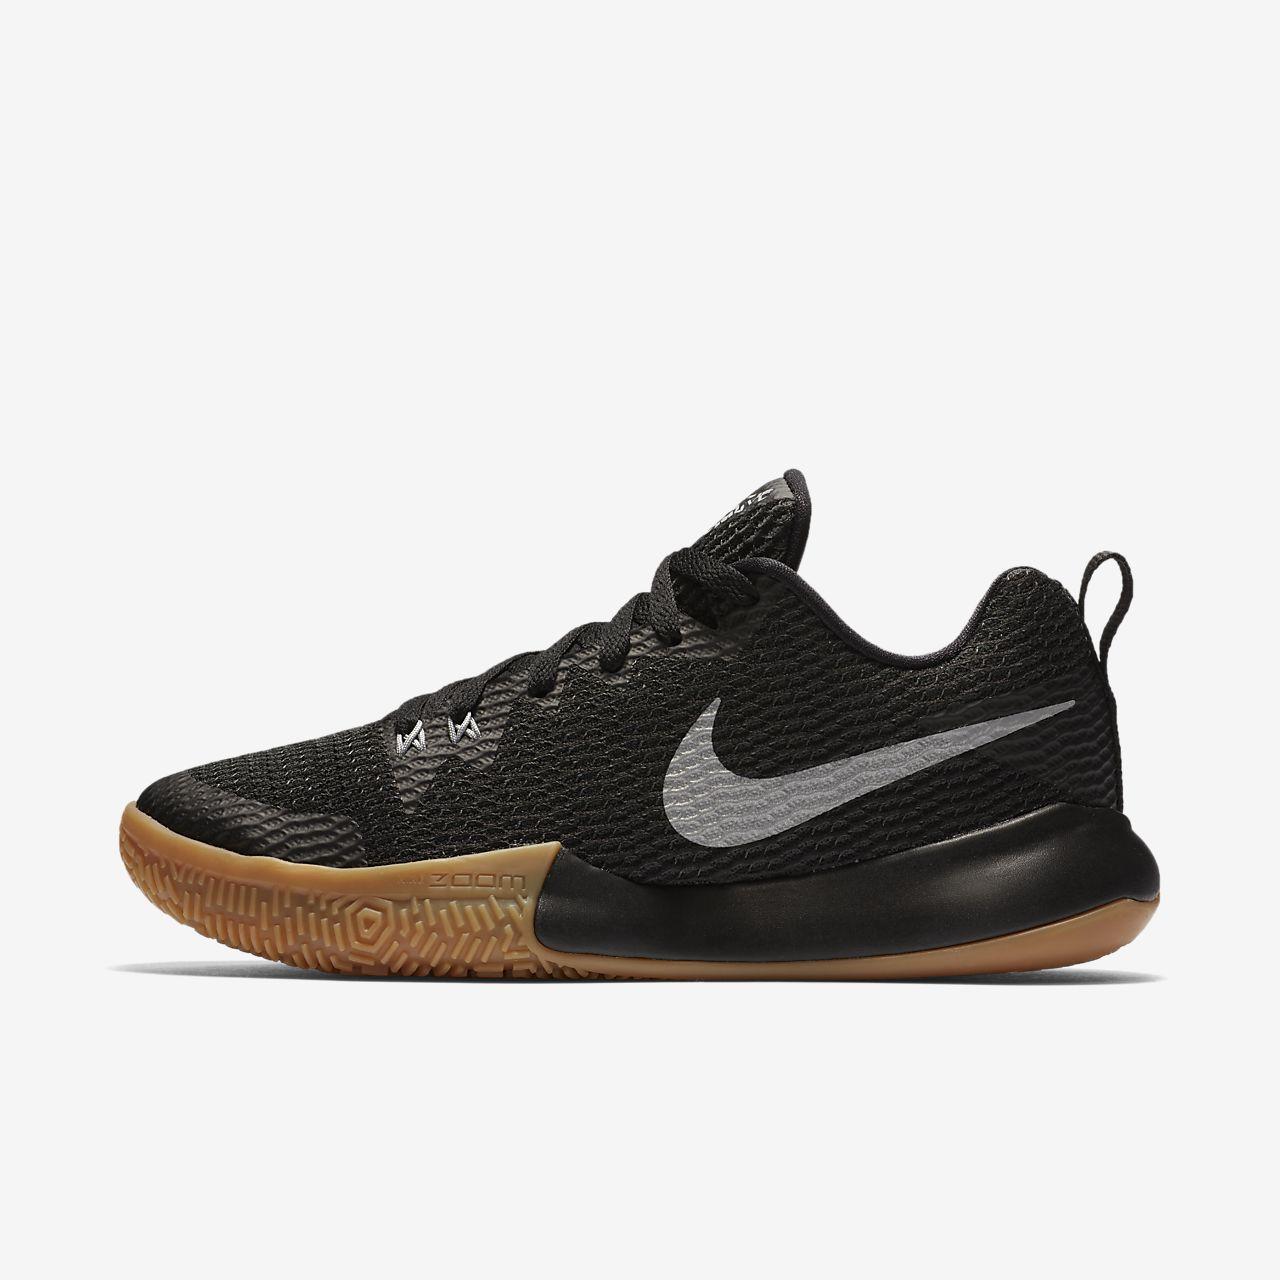 e7133d8575ec Женские баскетбольные кроссовки Nike Zoom Live II. Nike.com RU